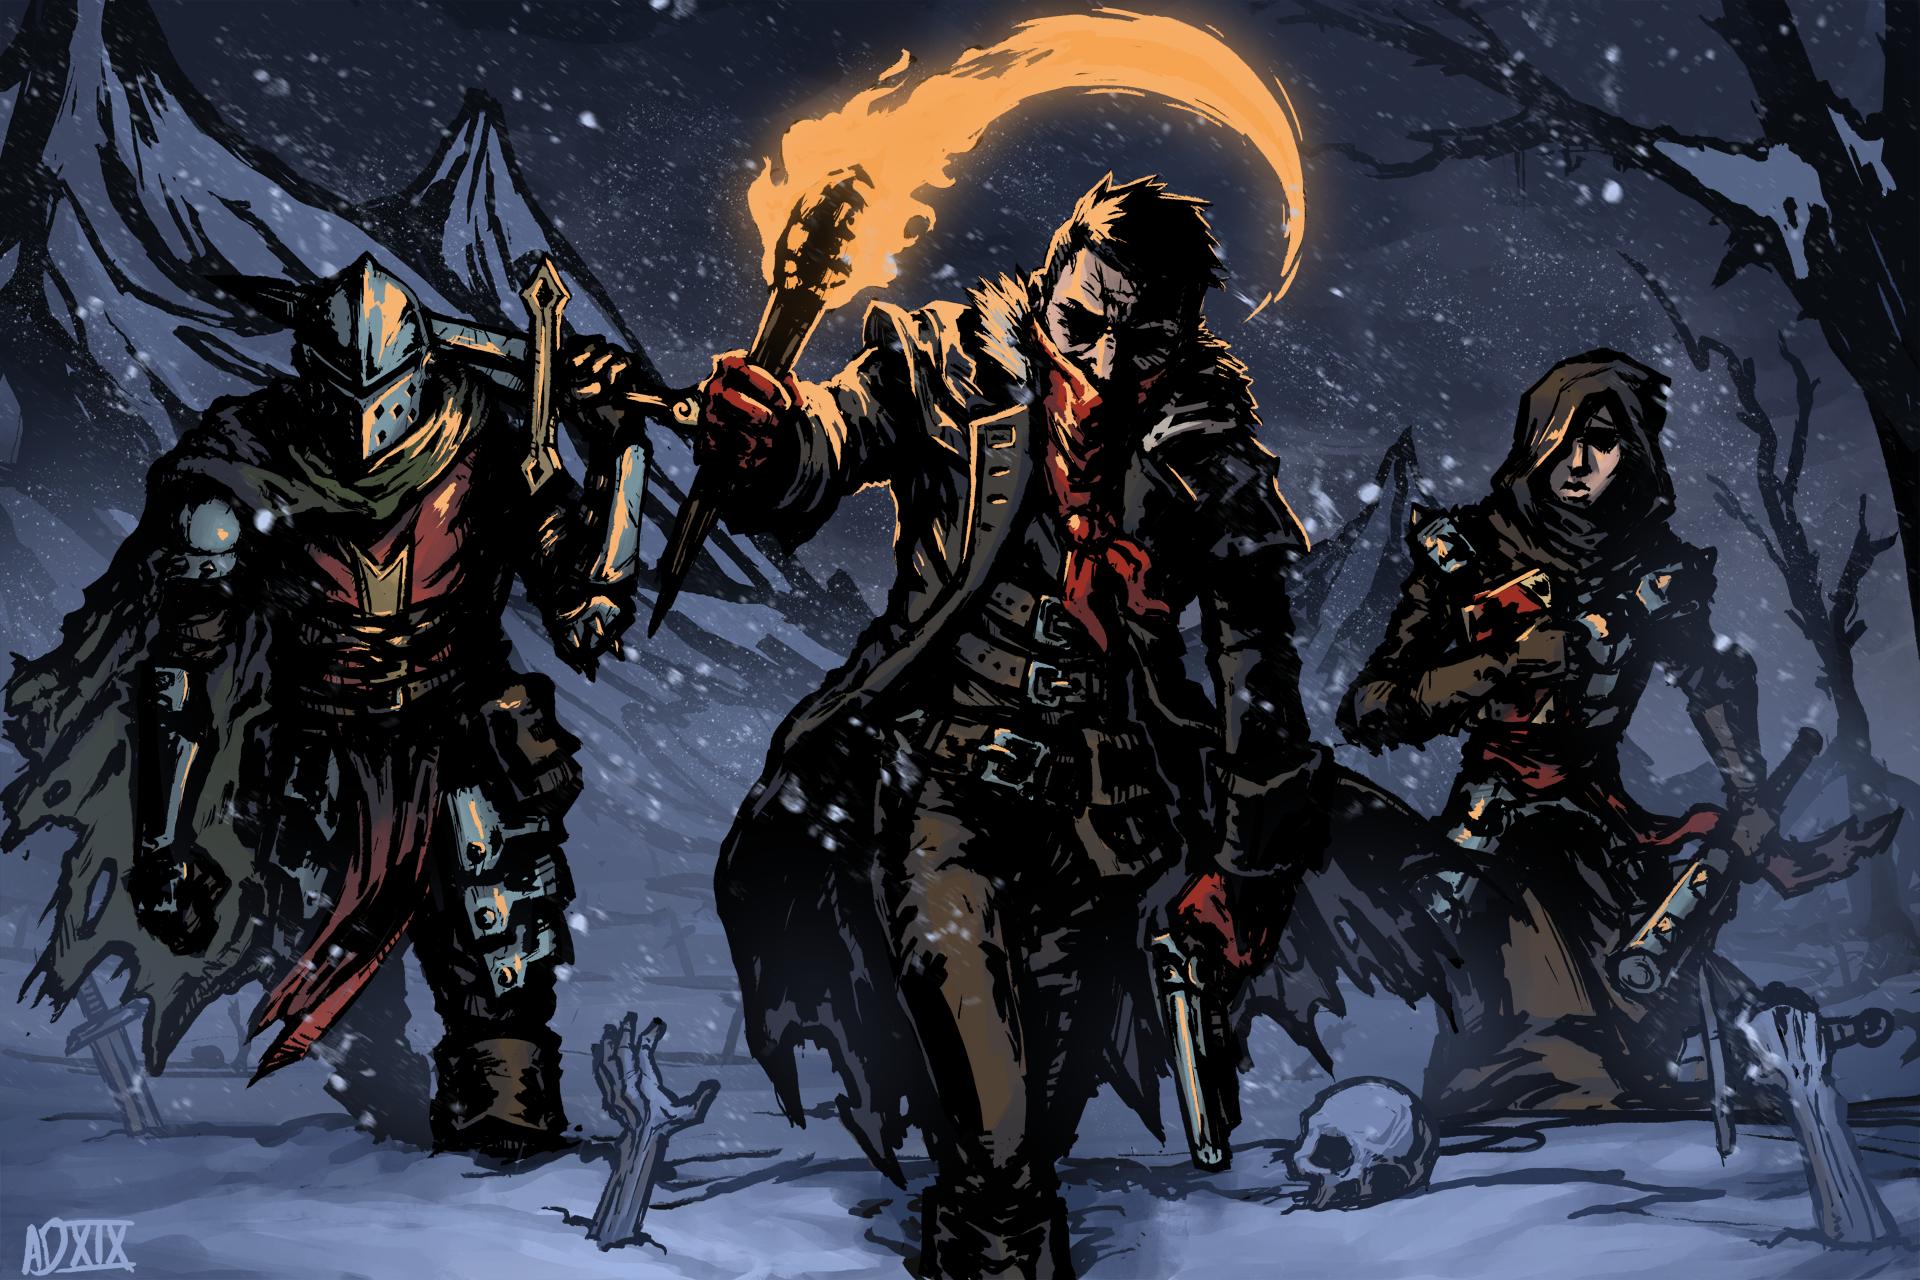 Darkest Dungeon 2 Fanart (#2362190) - HD Wallpaper ...